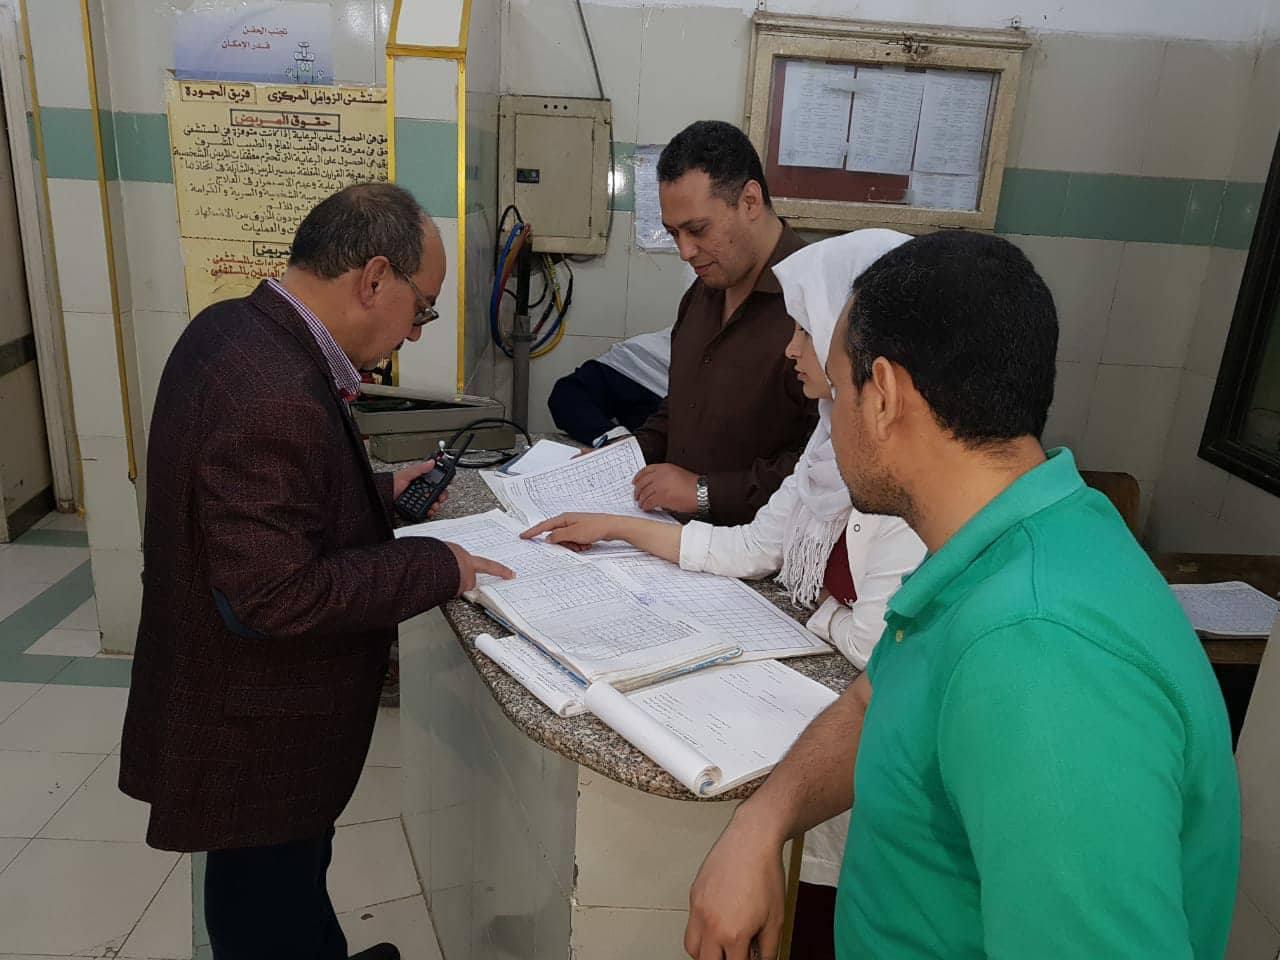 وكيل صحة الشرقية يقرر إحالة طبيب بمستشفى مشتول السوق للتحقيق